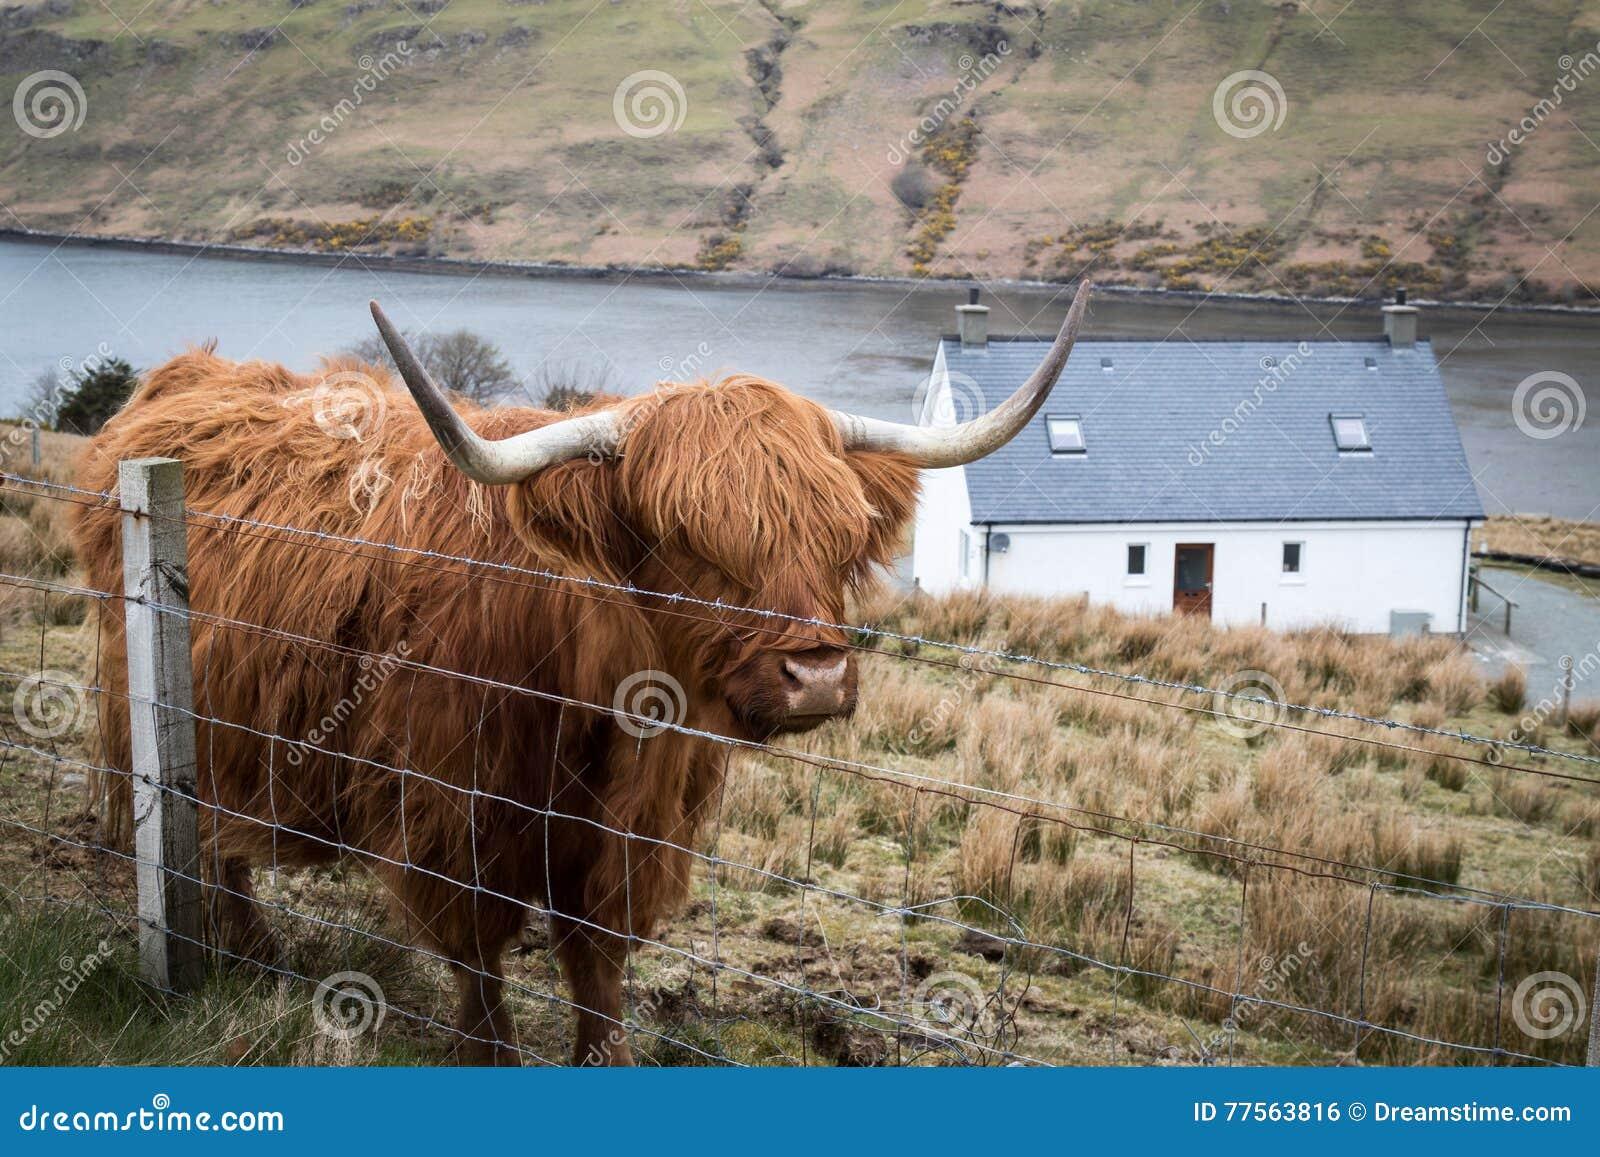 Αγελάδα ορεινών περιοχών